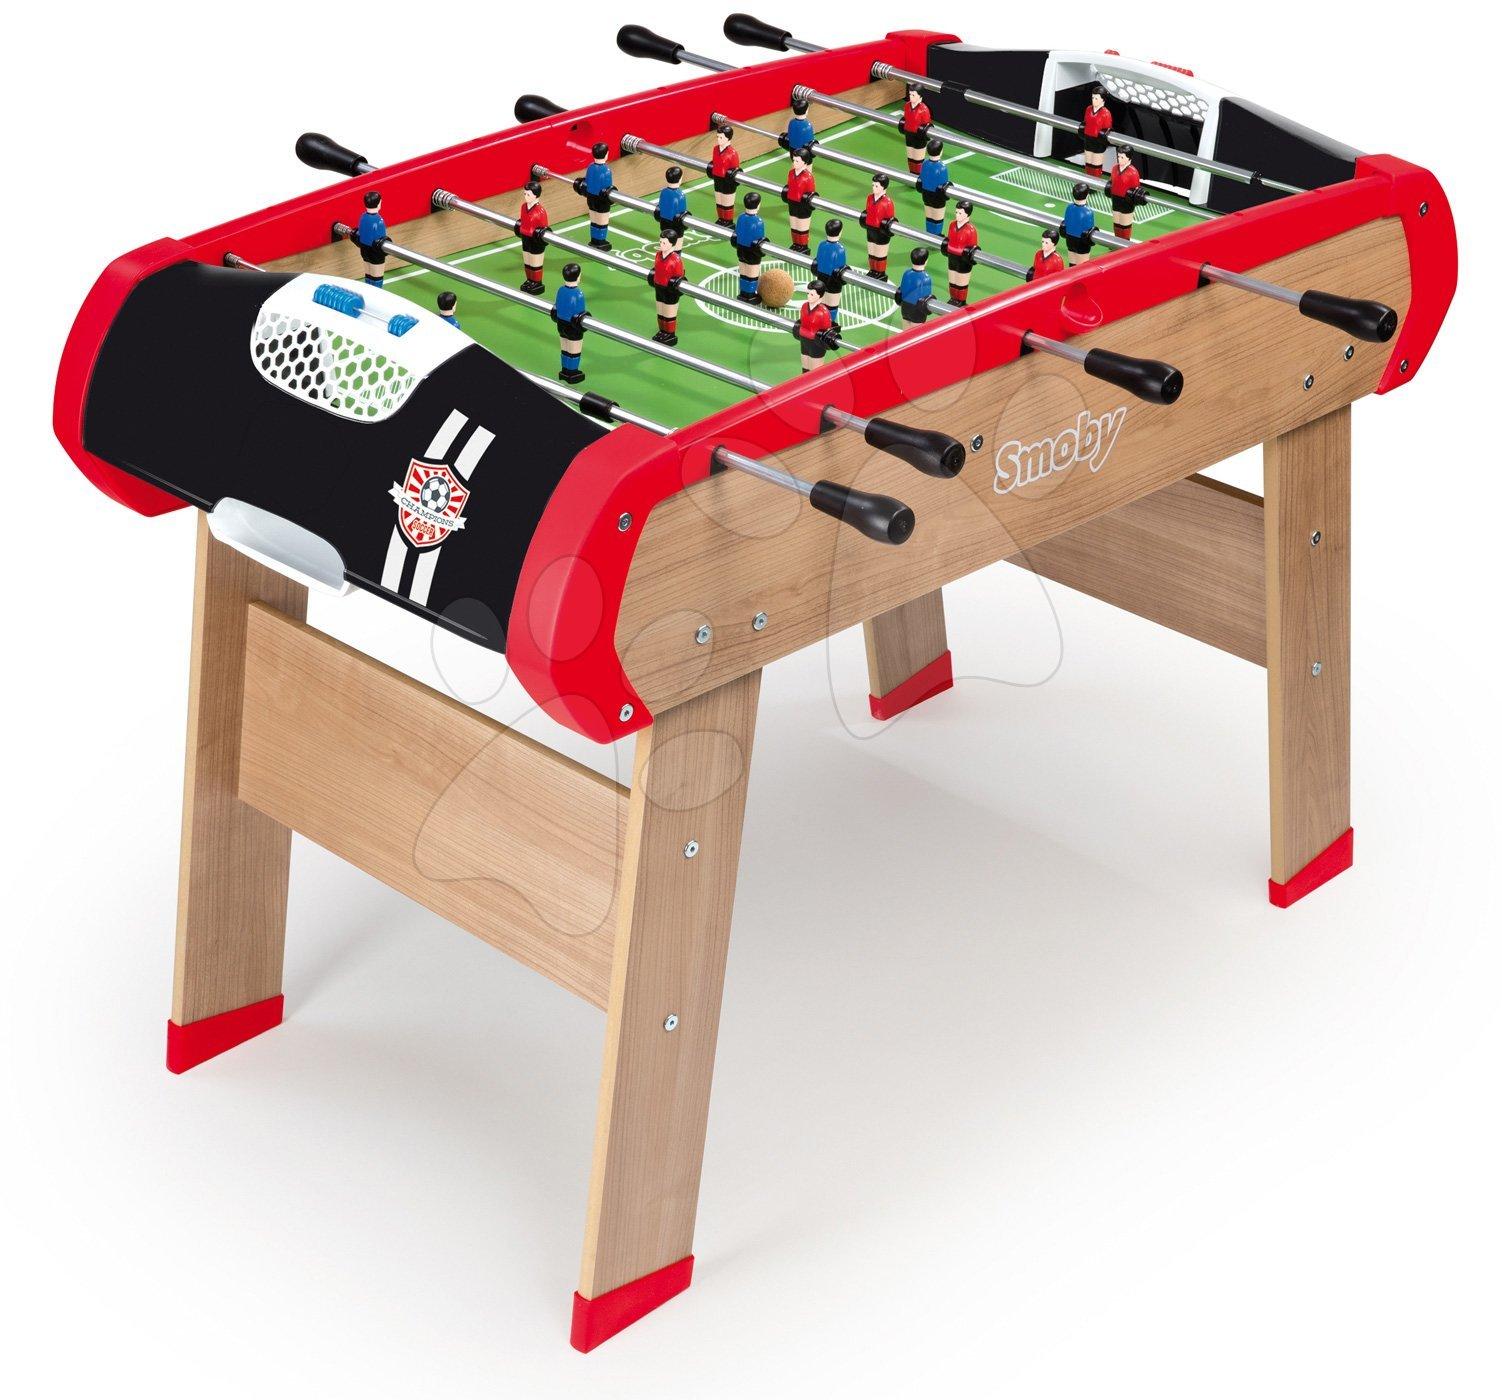 Stolný futbal - Drevený futbalový stôl BBF Champions Smoby s 2 loptičkami od 8 rokov